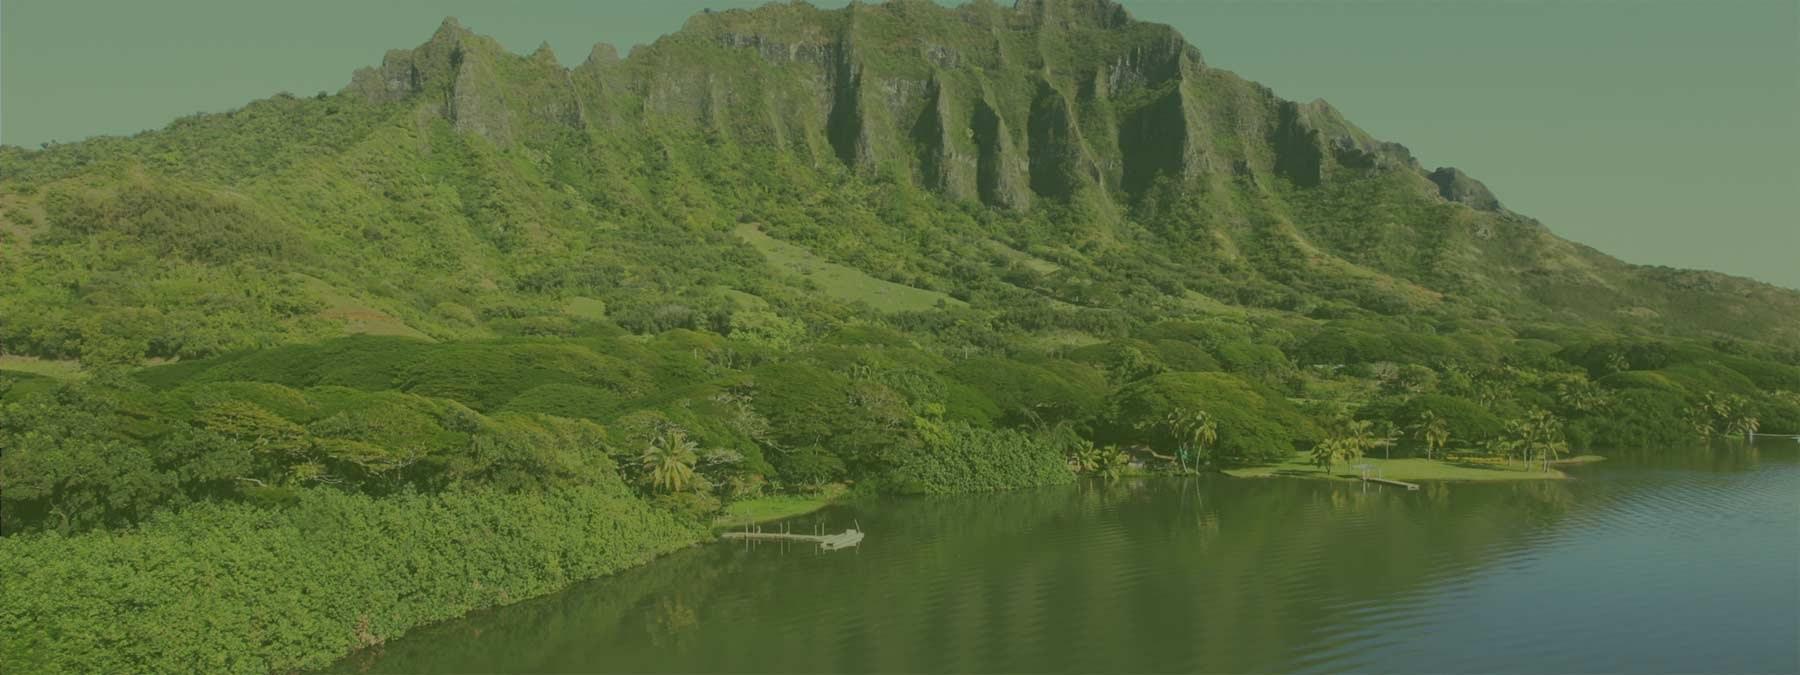 Tropical Farms of Hawaii - The Mac Nut Farm